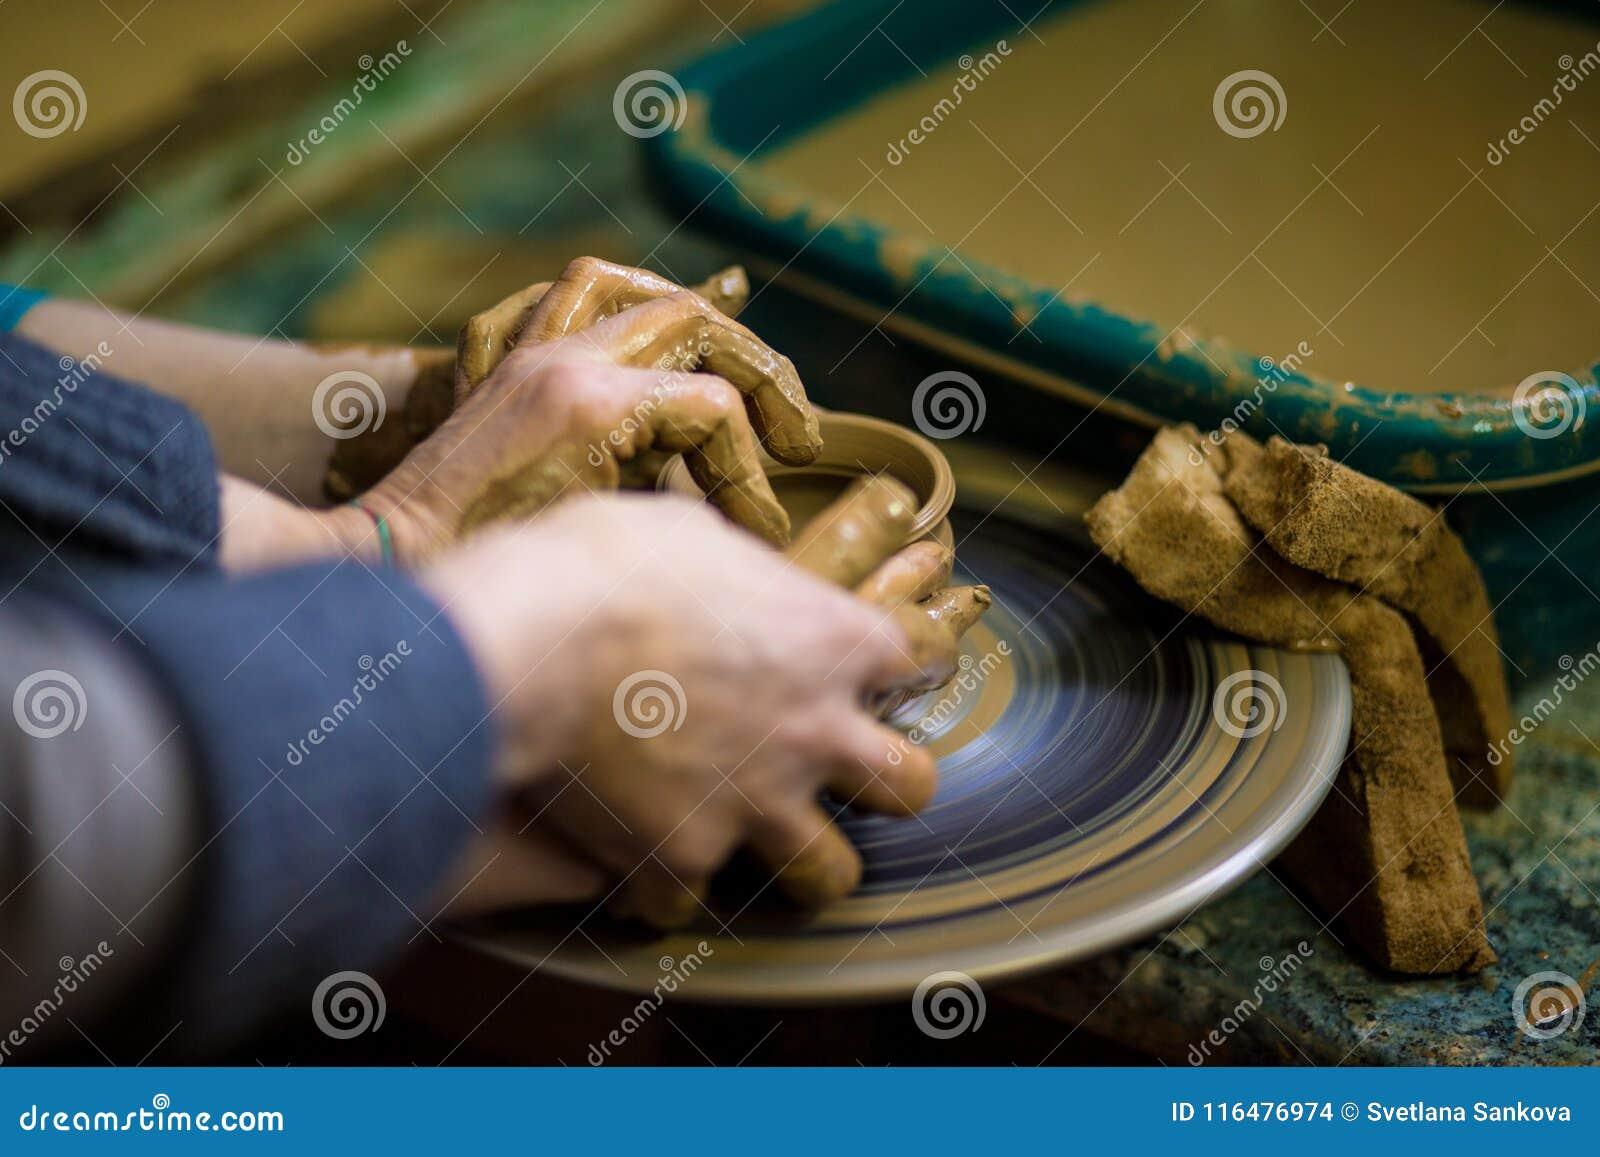 Zakończenie ręki garncarka w fartuchu robi wazie od gliny